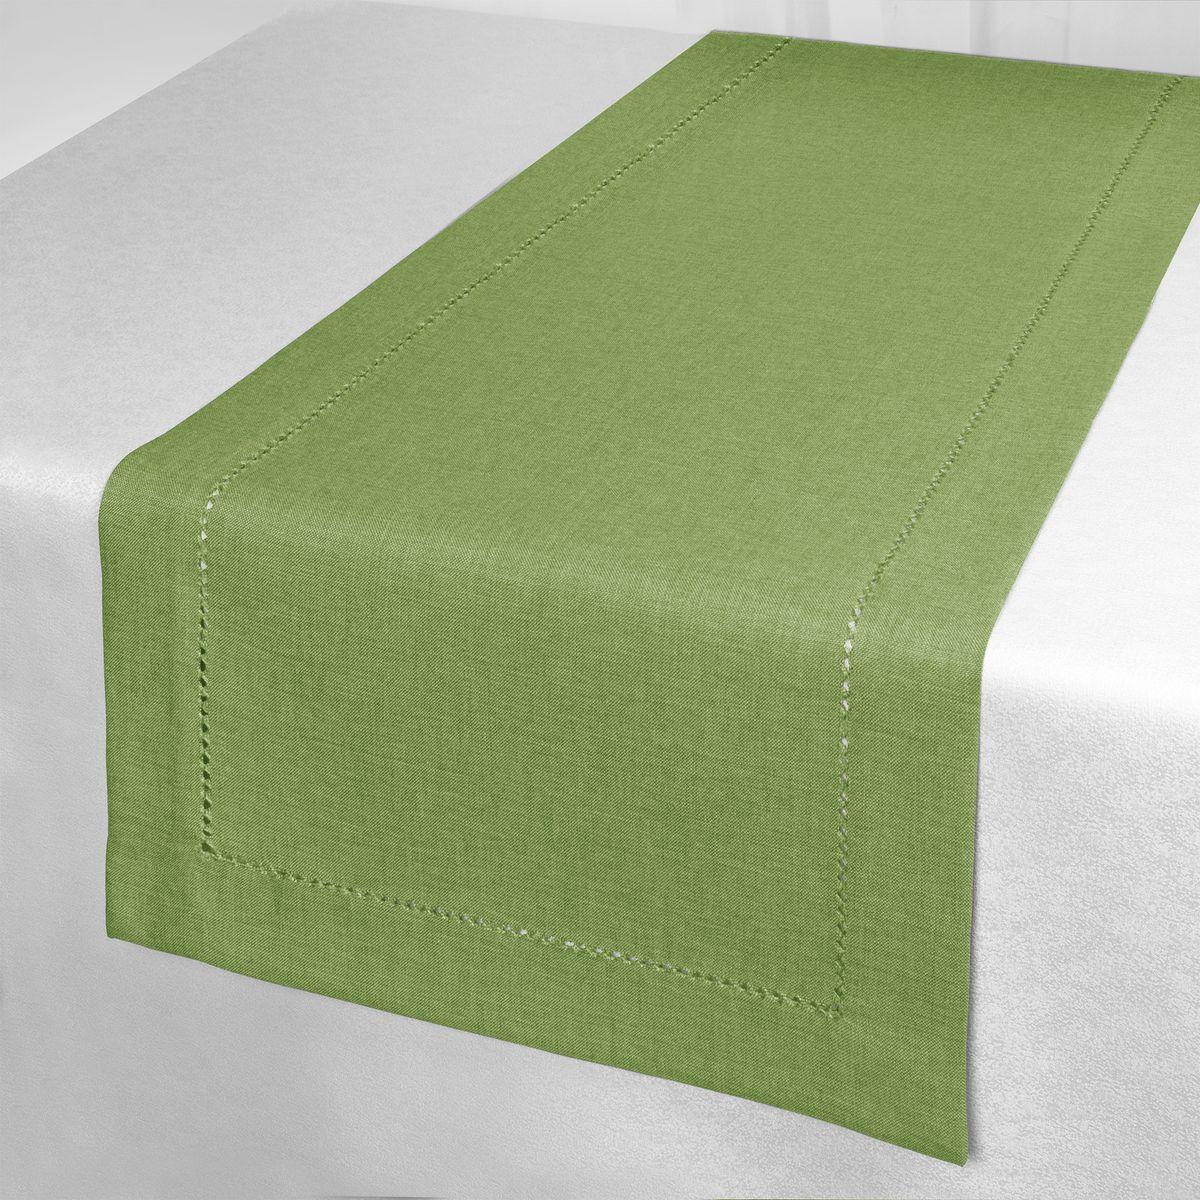 Дорожка для декорирования стола Schaefer, 40 x 140 см, цвет: зеленый. 07602-211